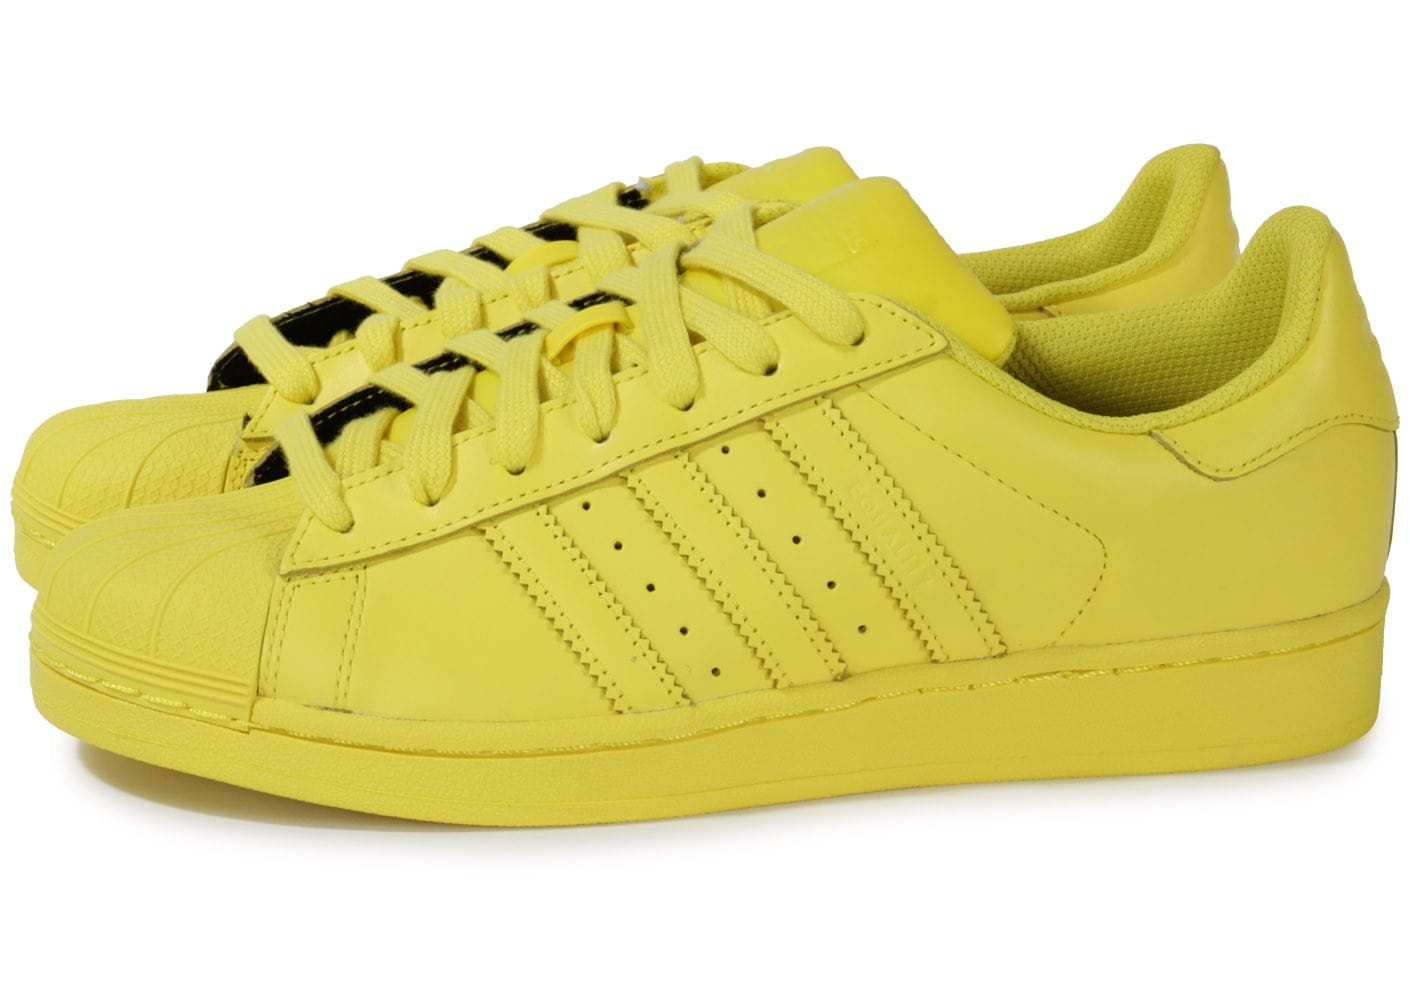 newest 35052 fbc7d Achetez maintenant et économisez plus! Prix de gros adidas superstar homme  jaune France vente en ligne, toutes les gammes de chaussures Nike pour  hommes et ...